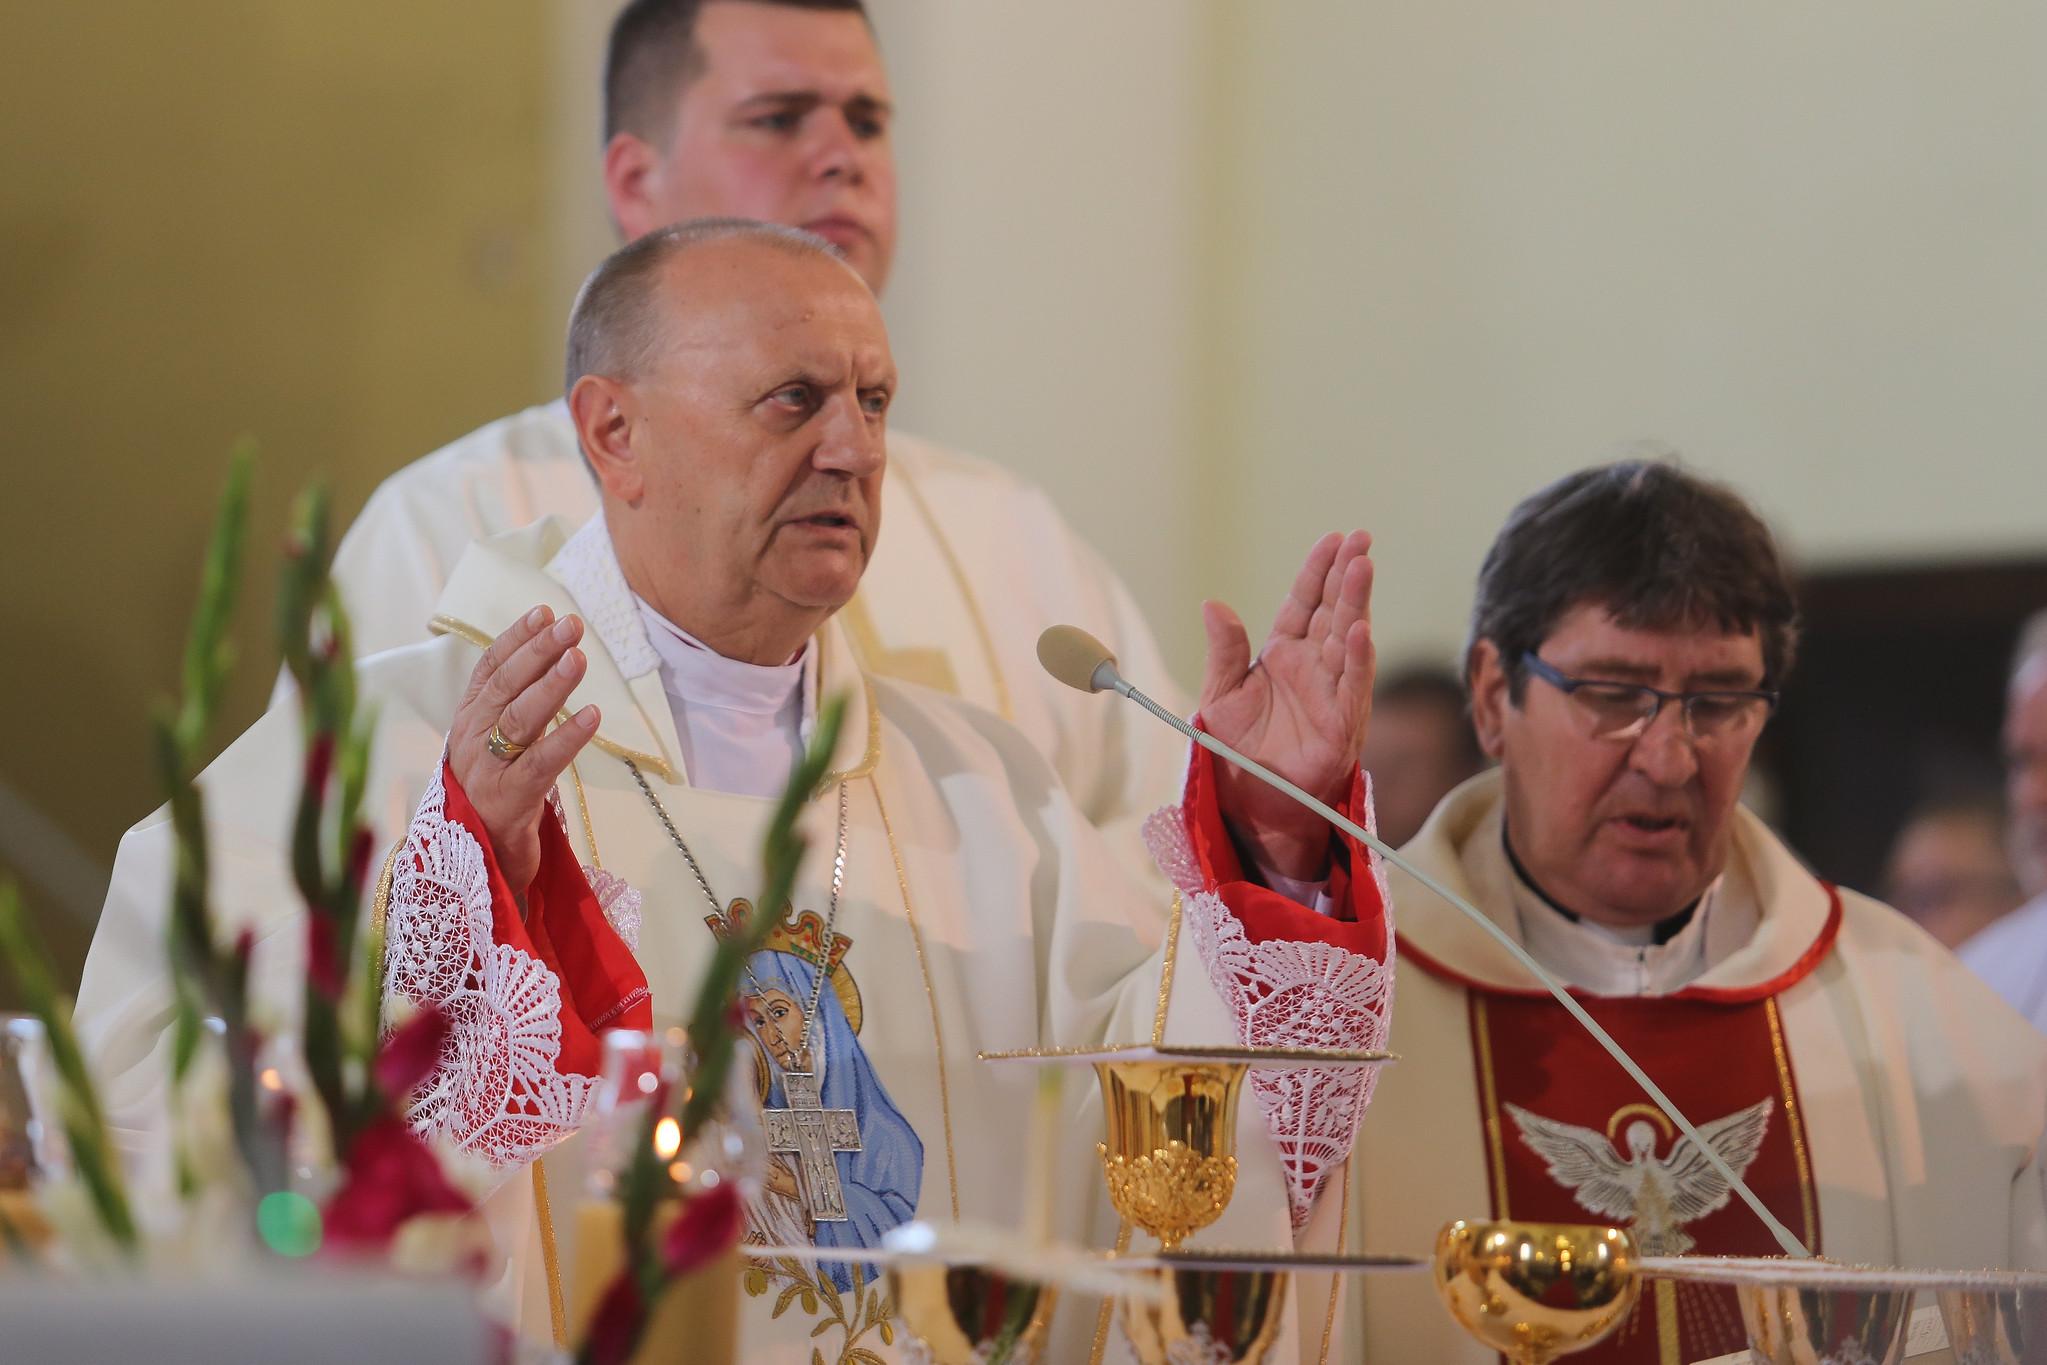 """Biskup Pikus: """"Życie pochodzi od Boga, nie od rodziców"""""""